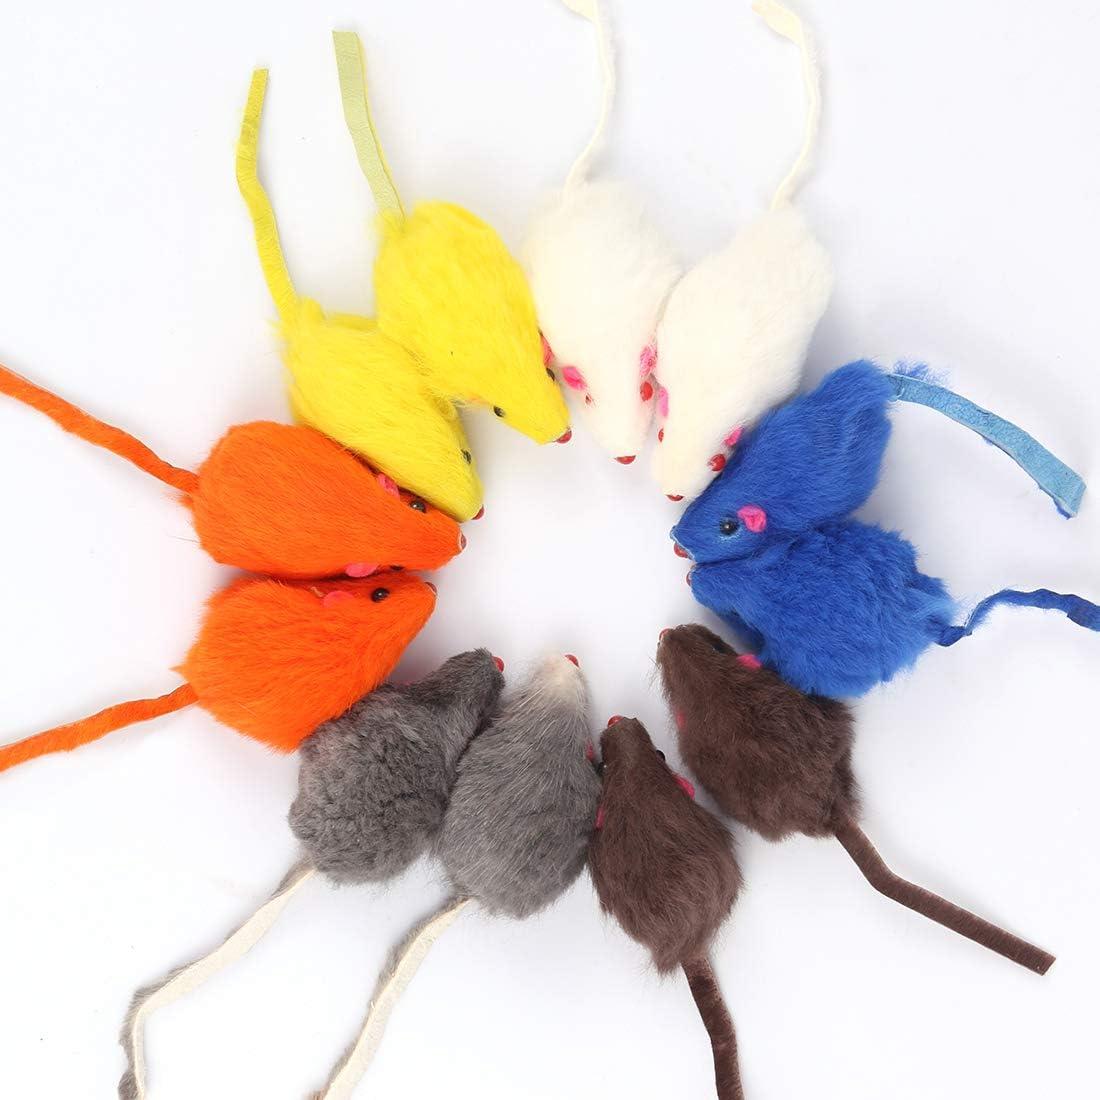 Bluelves Juguetes para Gato, 12 Piezas Gato Juguete Interactivo, Raton Juguete Gato, Catnip Juguetes con Campanas Catnip para Gatos, Peluche Ratones Multicolor